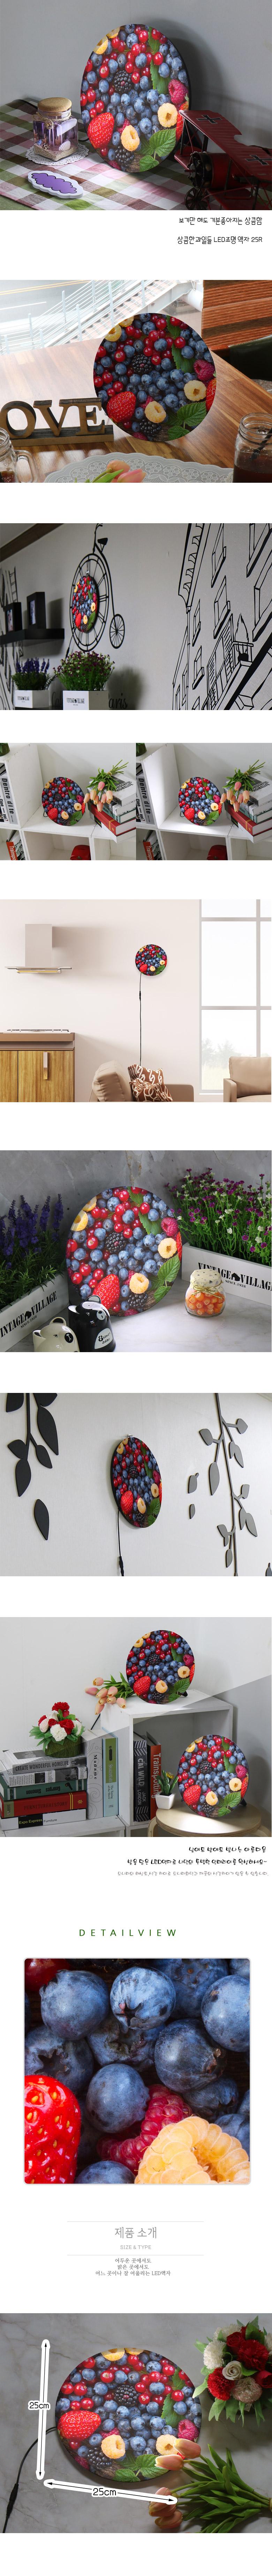 LED액자25R_상큼한과일들 - 꾸밈, 48,000원, 포인트조명, 터치조명